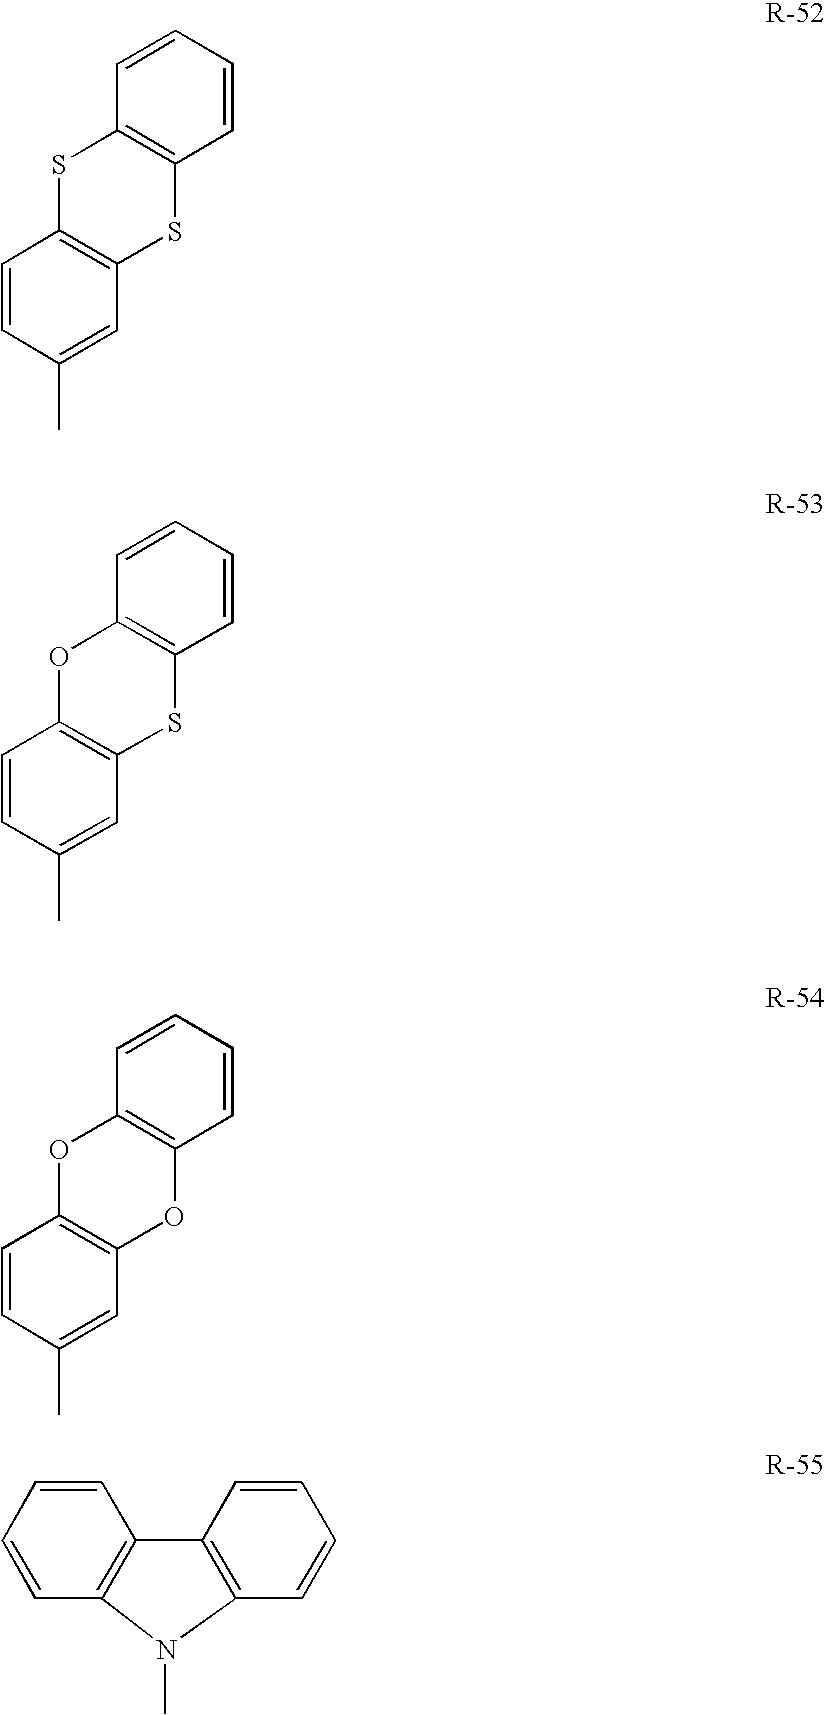 Figure US20060186796A1-20060824-C00026